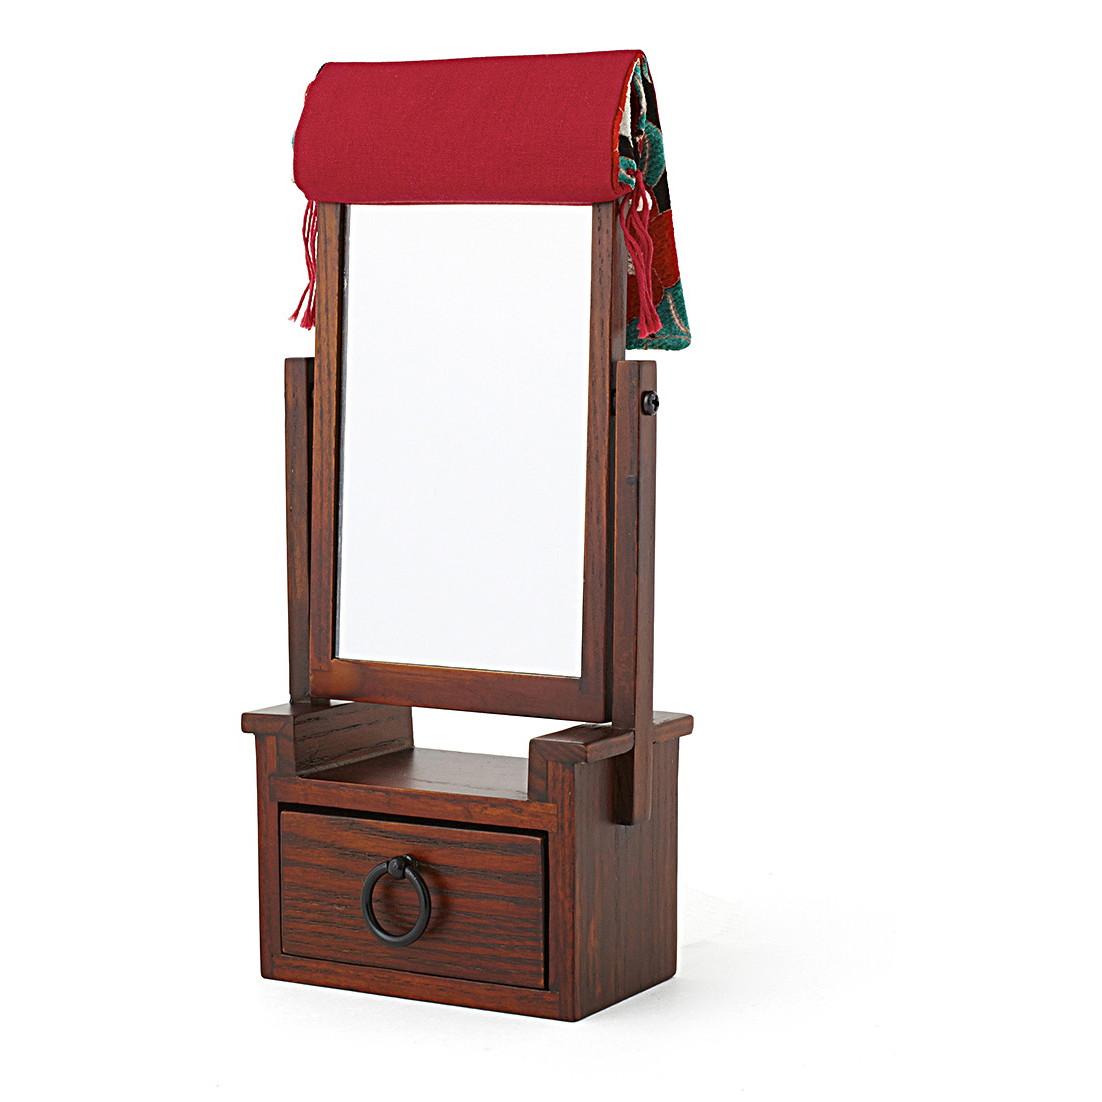 ミニサイズだけど 手鏡代わりに使えて実用的 ふるさと納税 木製 使い勝手の良い 姫鏡台 赤 年末年始大決算 花丸